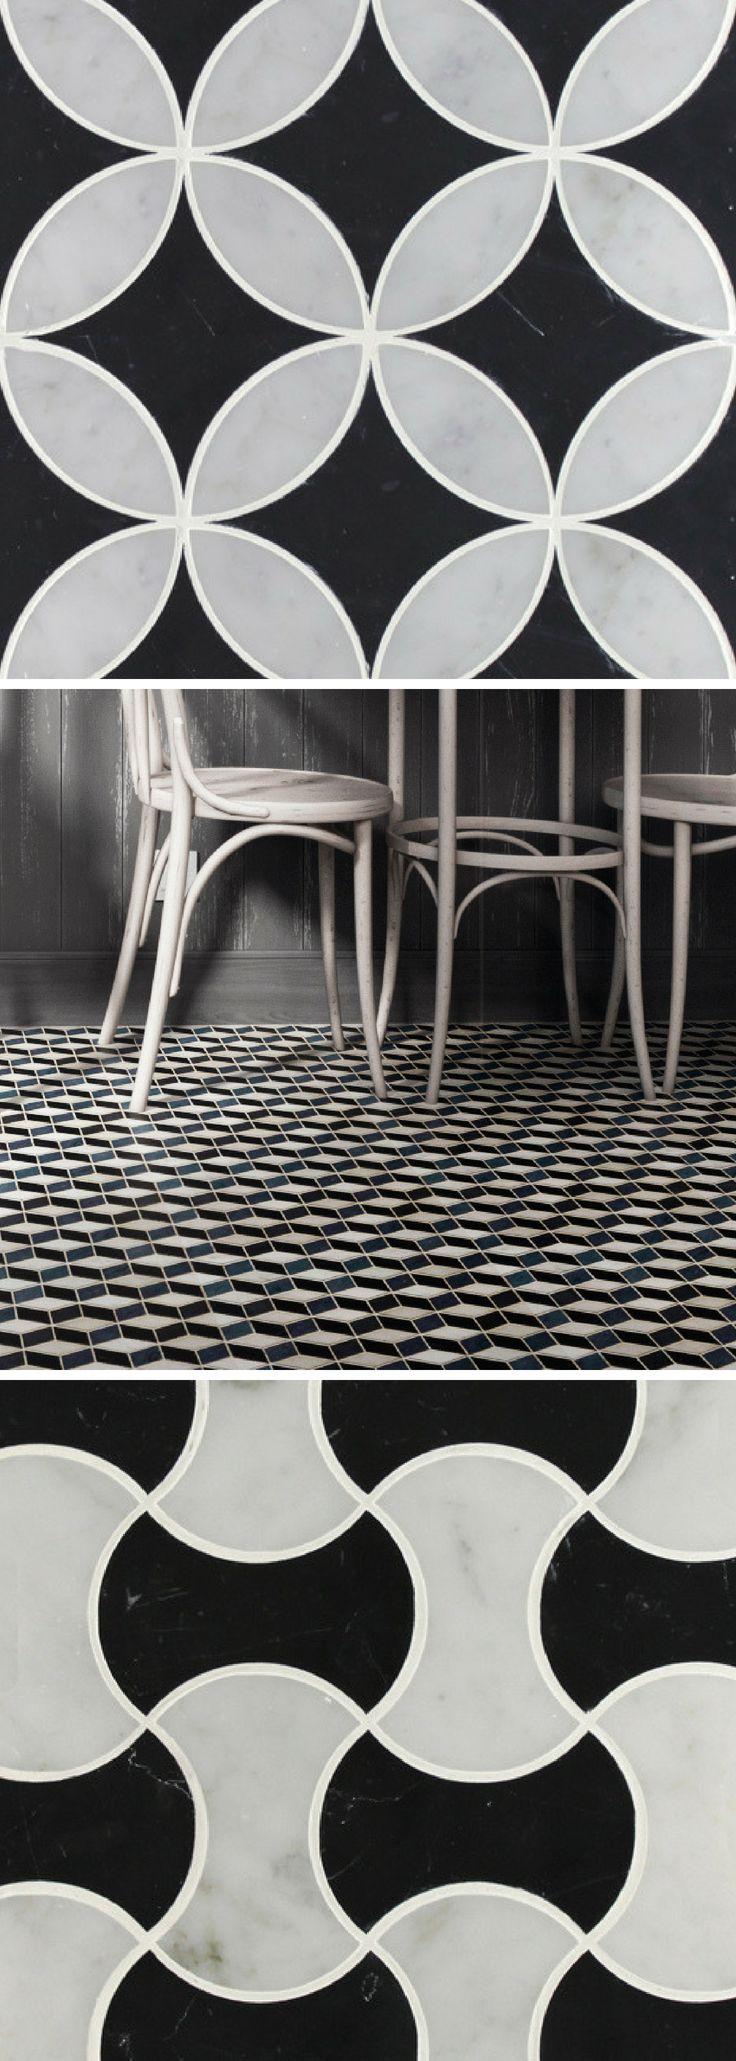 The Best Art Deco Design Ideas Images On Pinterest Art Deco - Art deco mosaic tile patterns